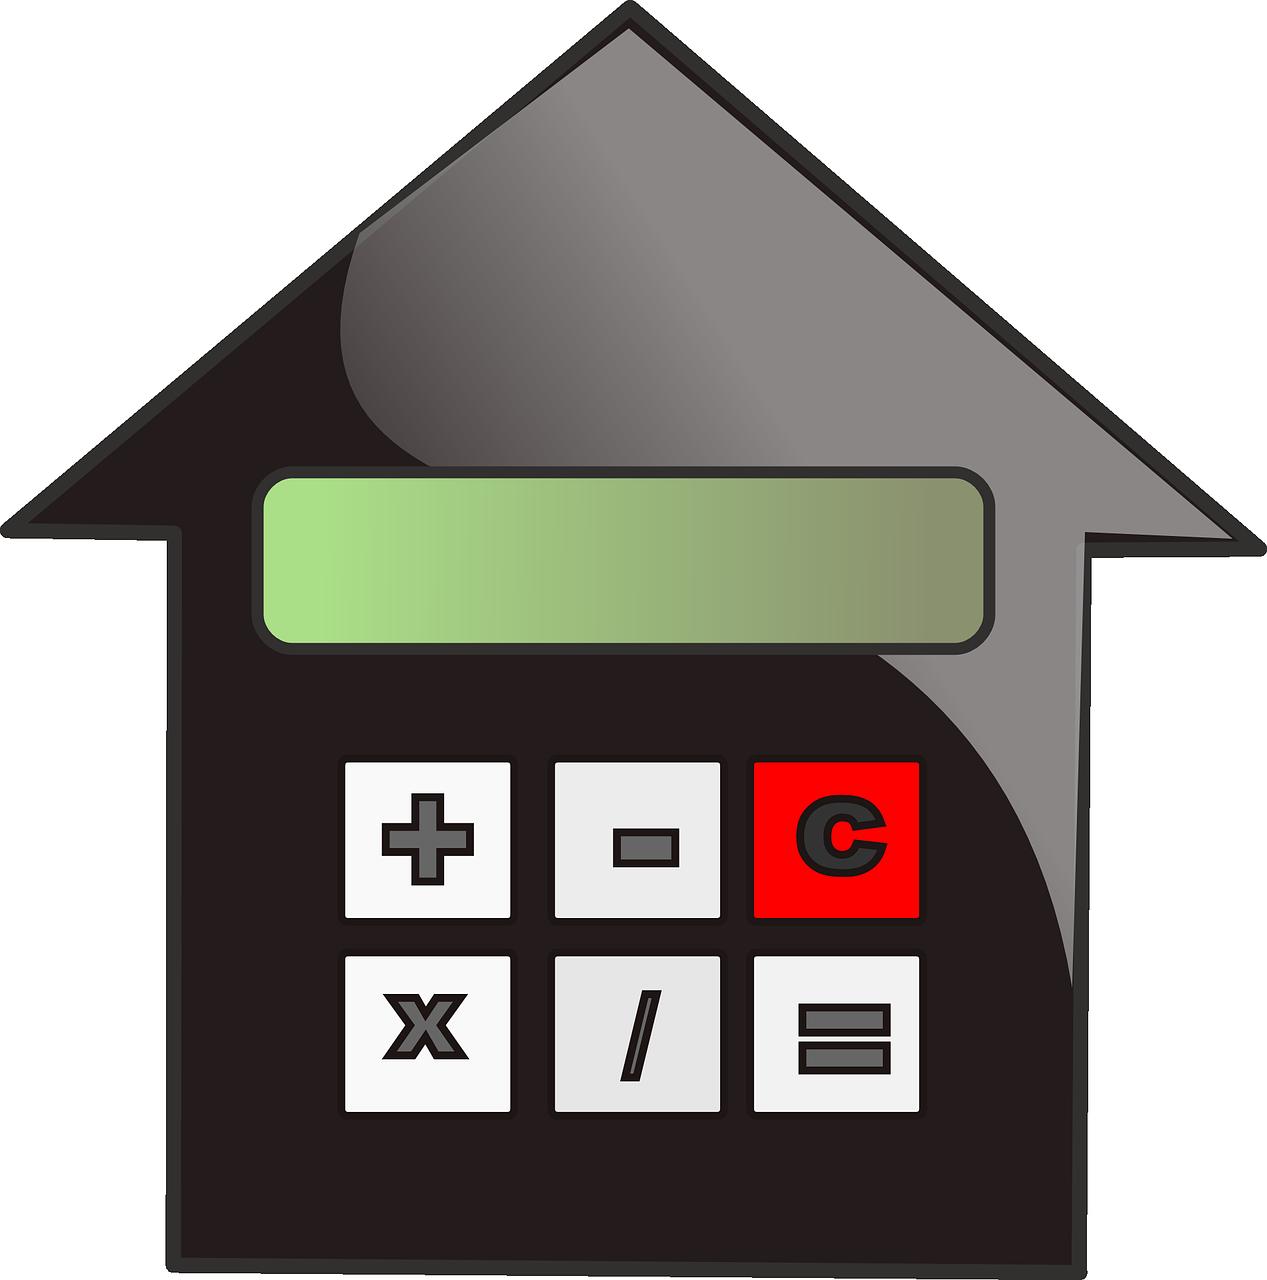 hypotheque-de-rente